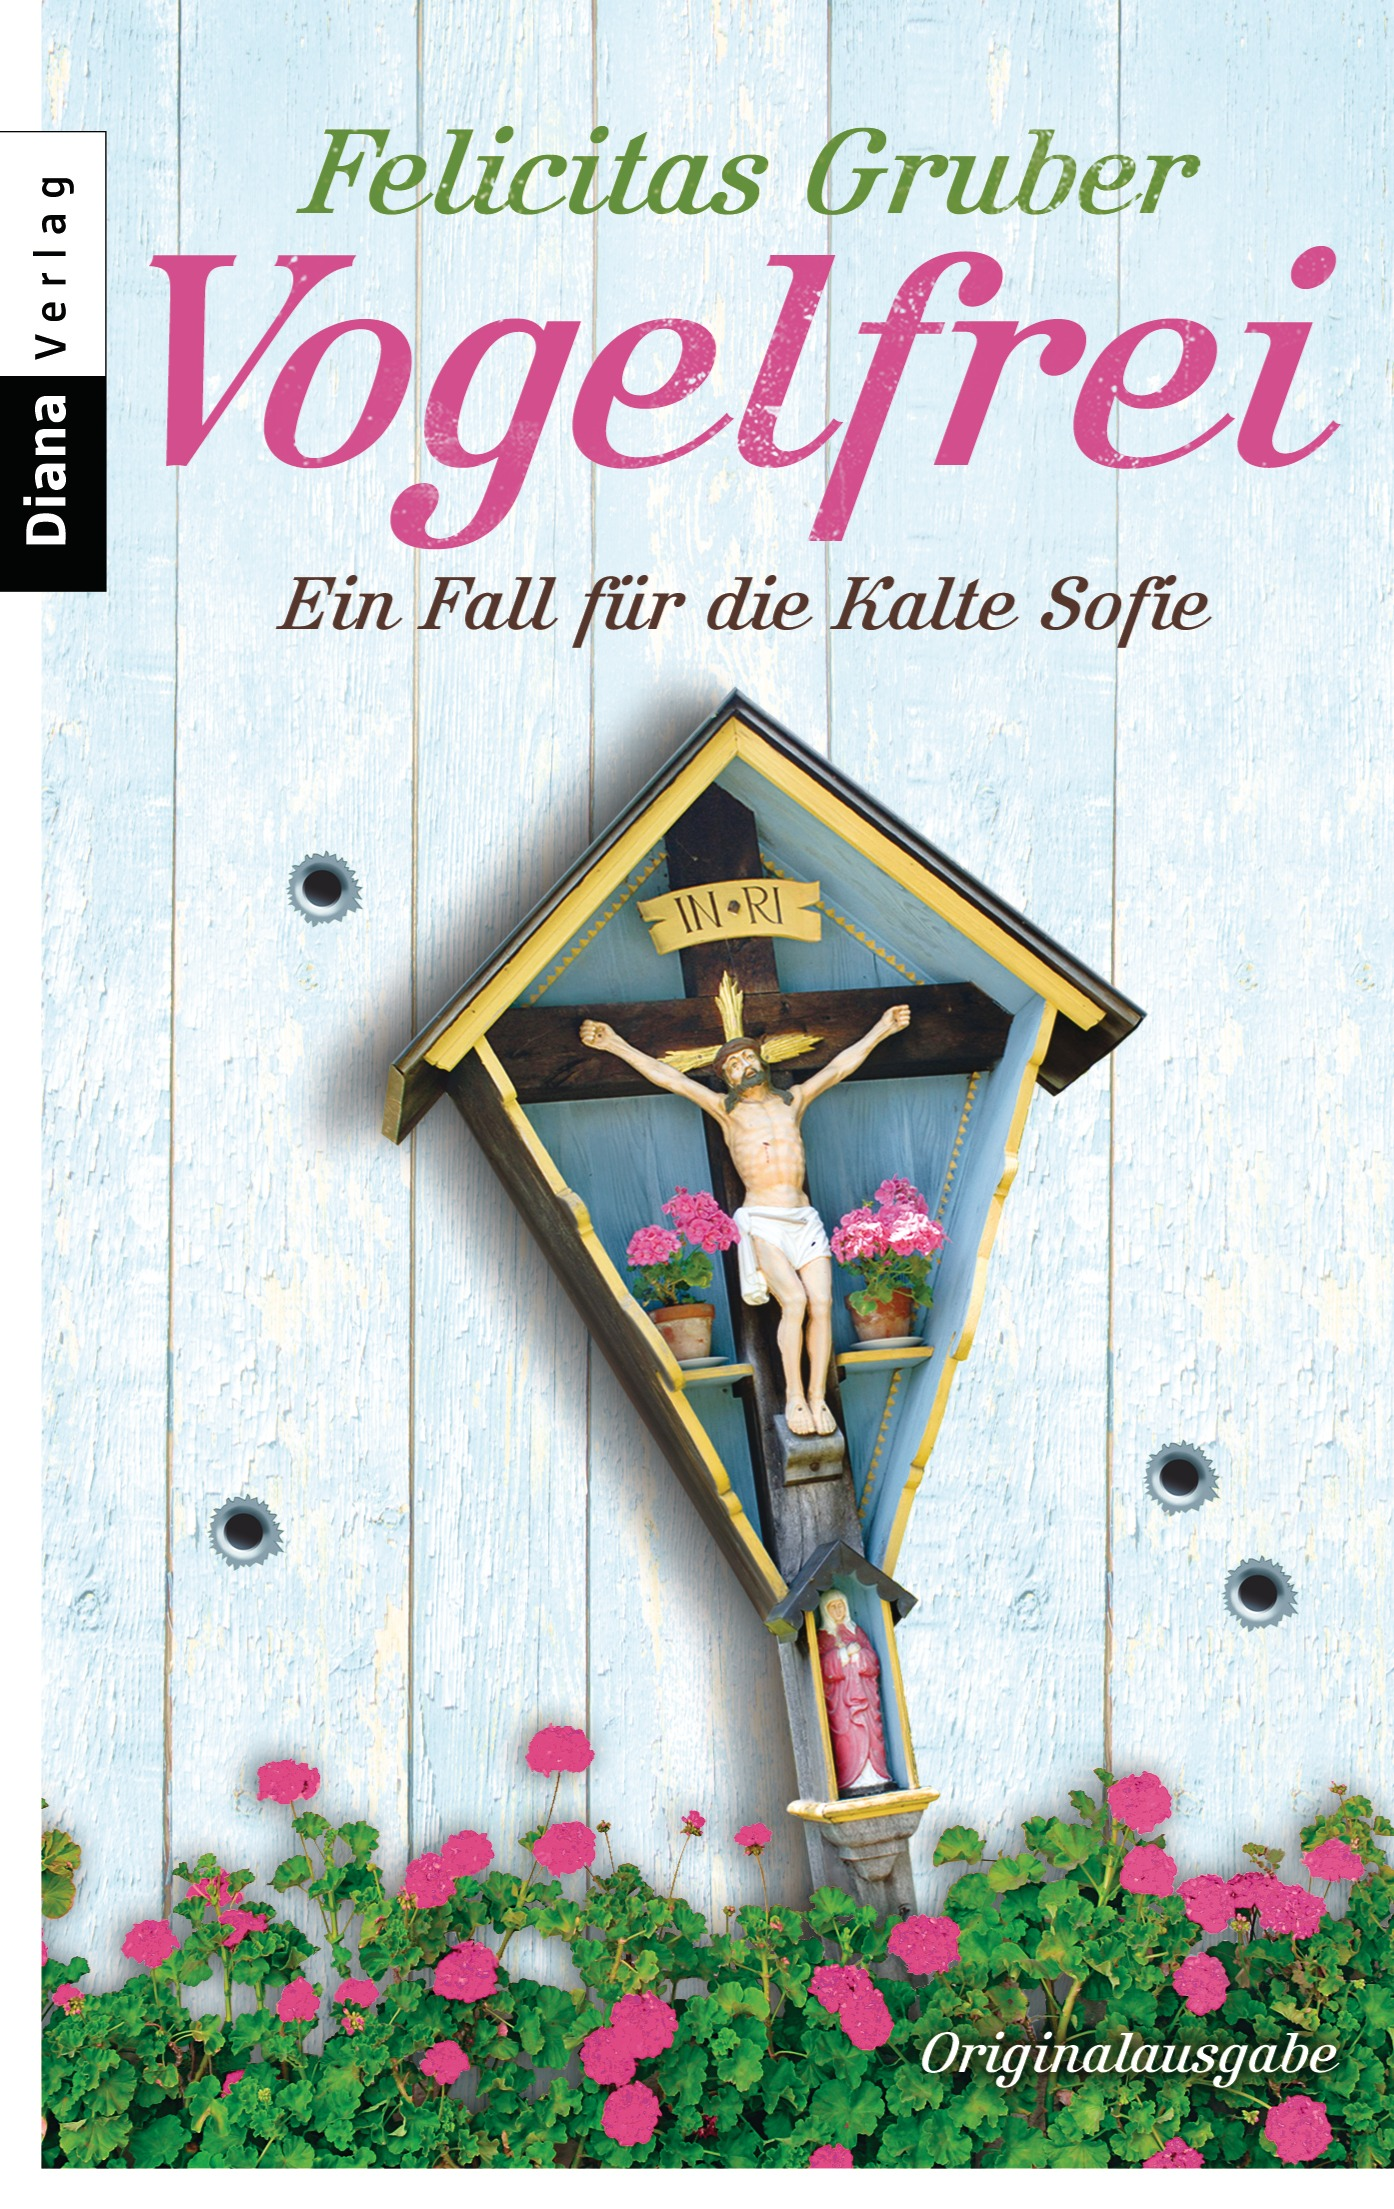 Vogelfrei: Ein Fall für die Kalte Sofie - Felicitas Gruber [Taschenbuch]